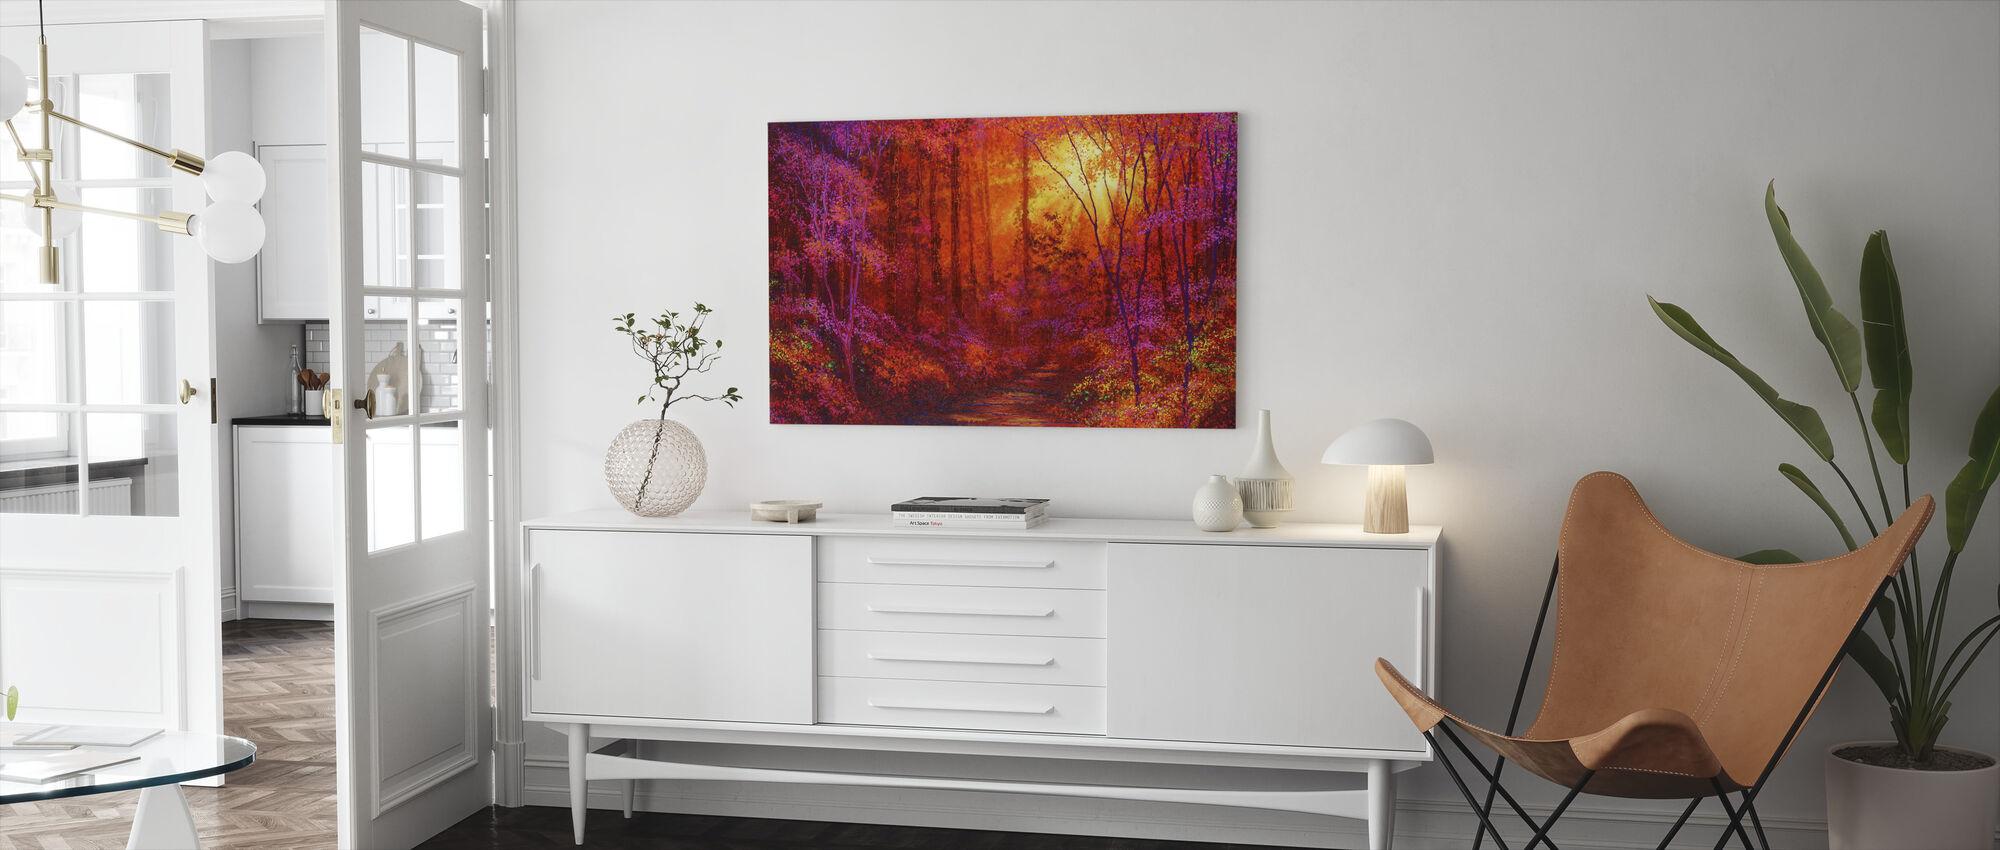 Ruby skog - Canvastavla - Vardagsrum